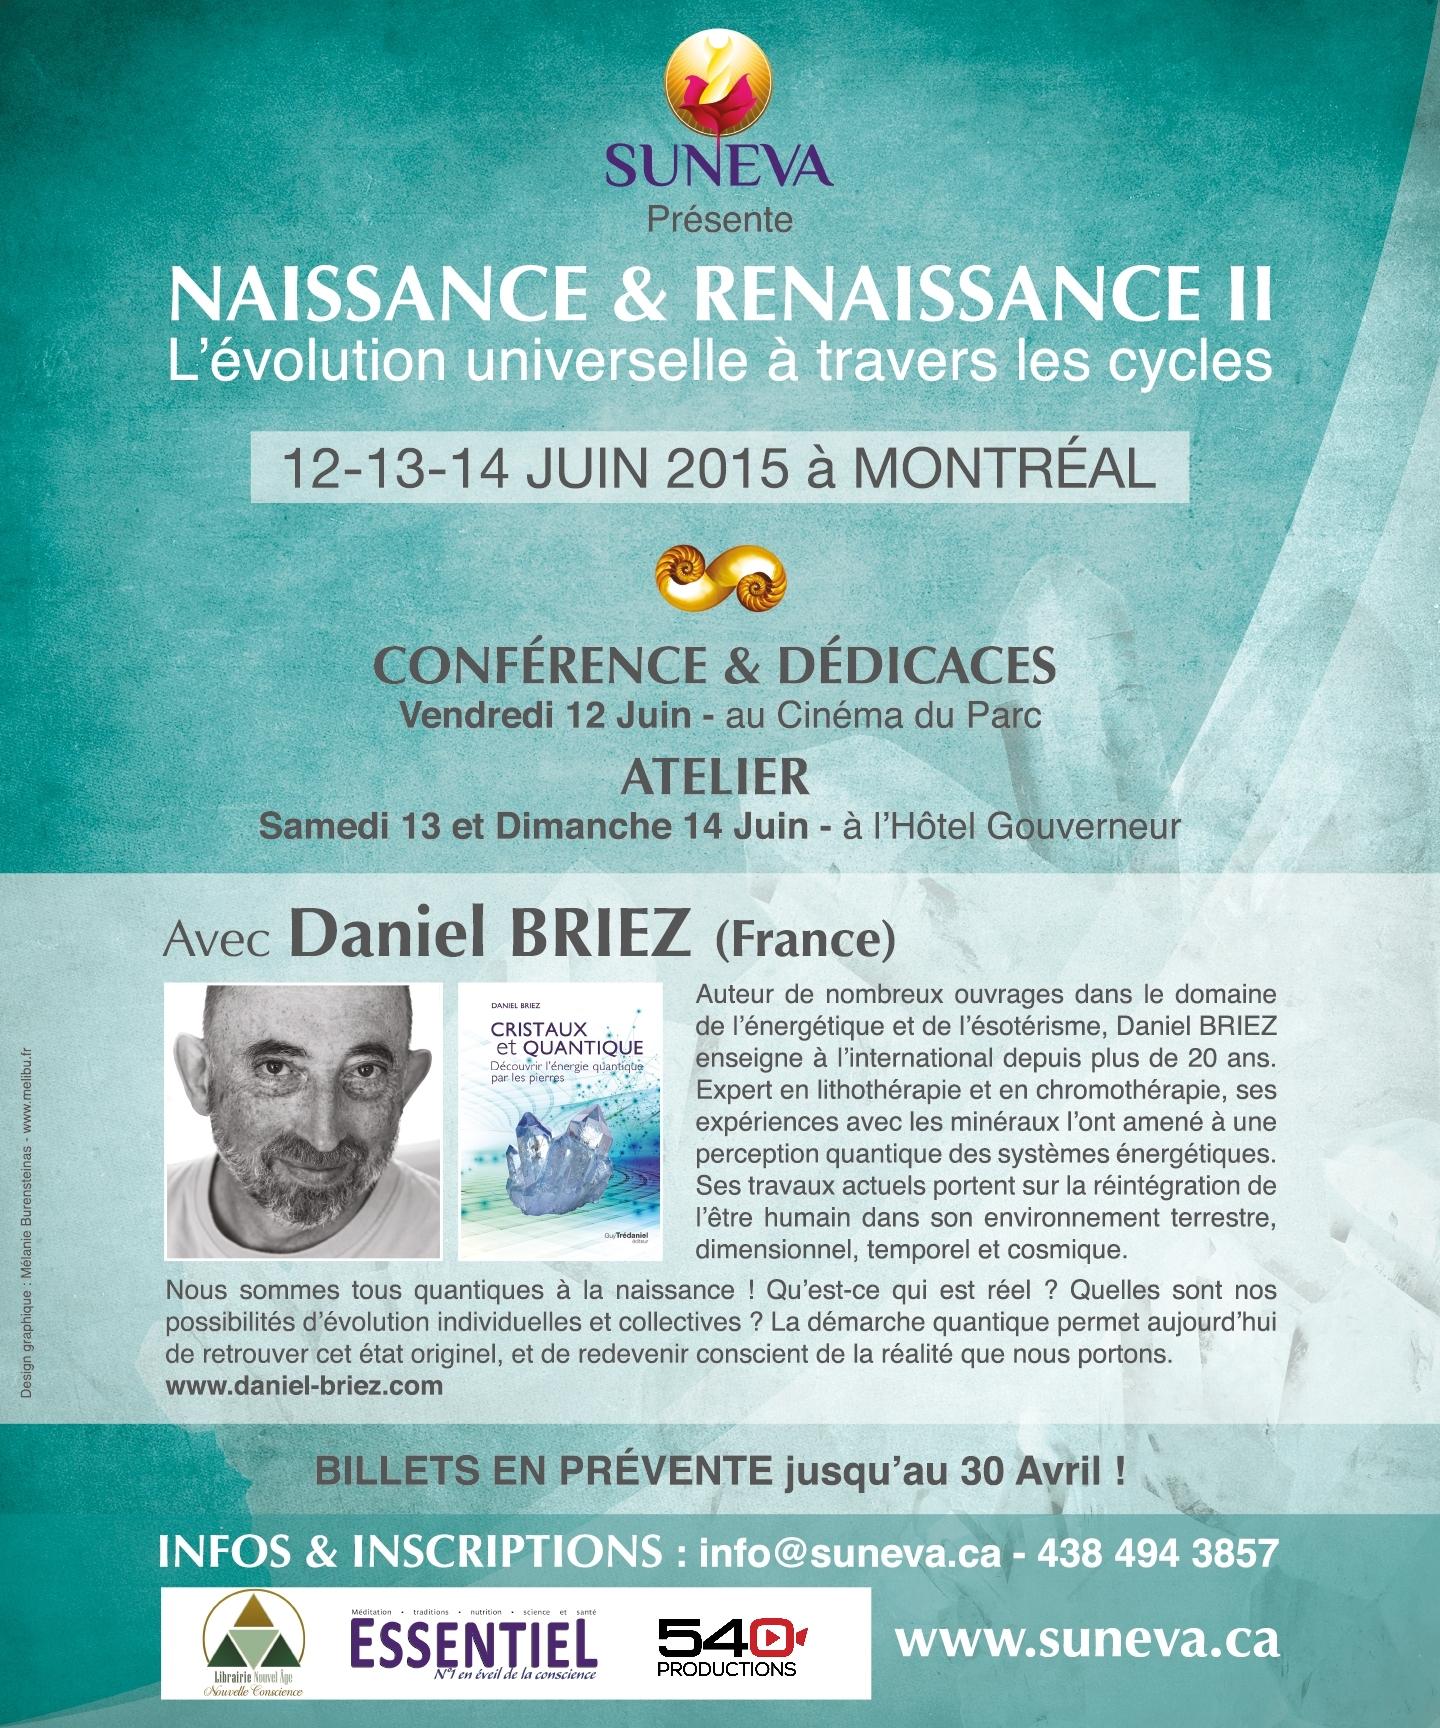 Naissance & Renaissance II Daniel BRIEZ